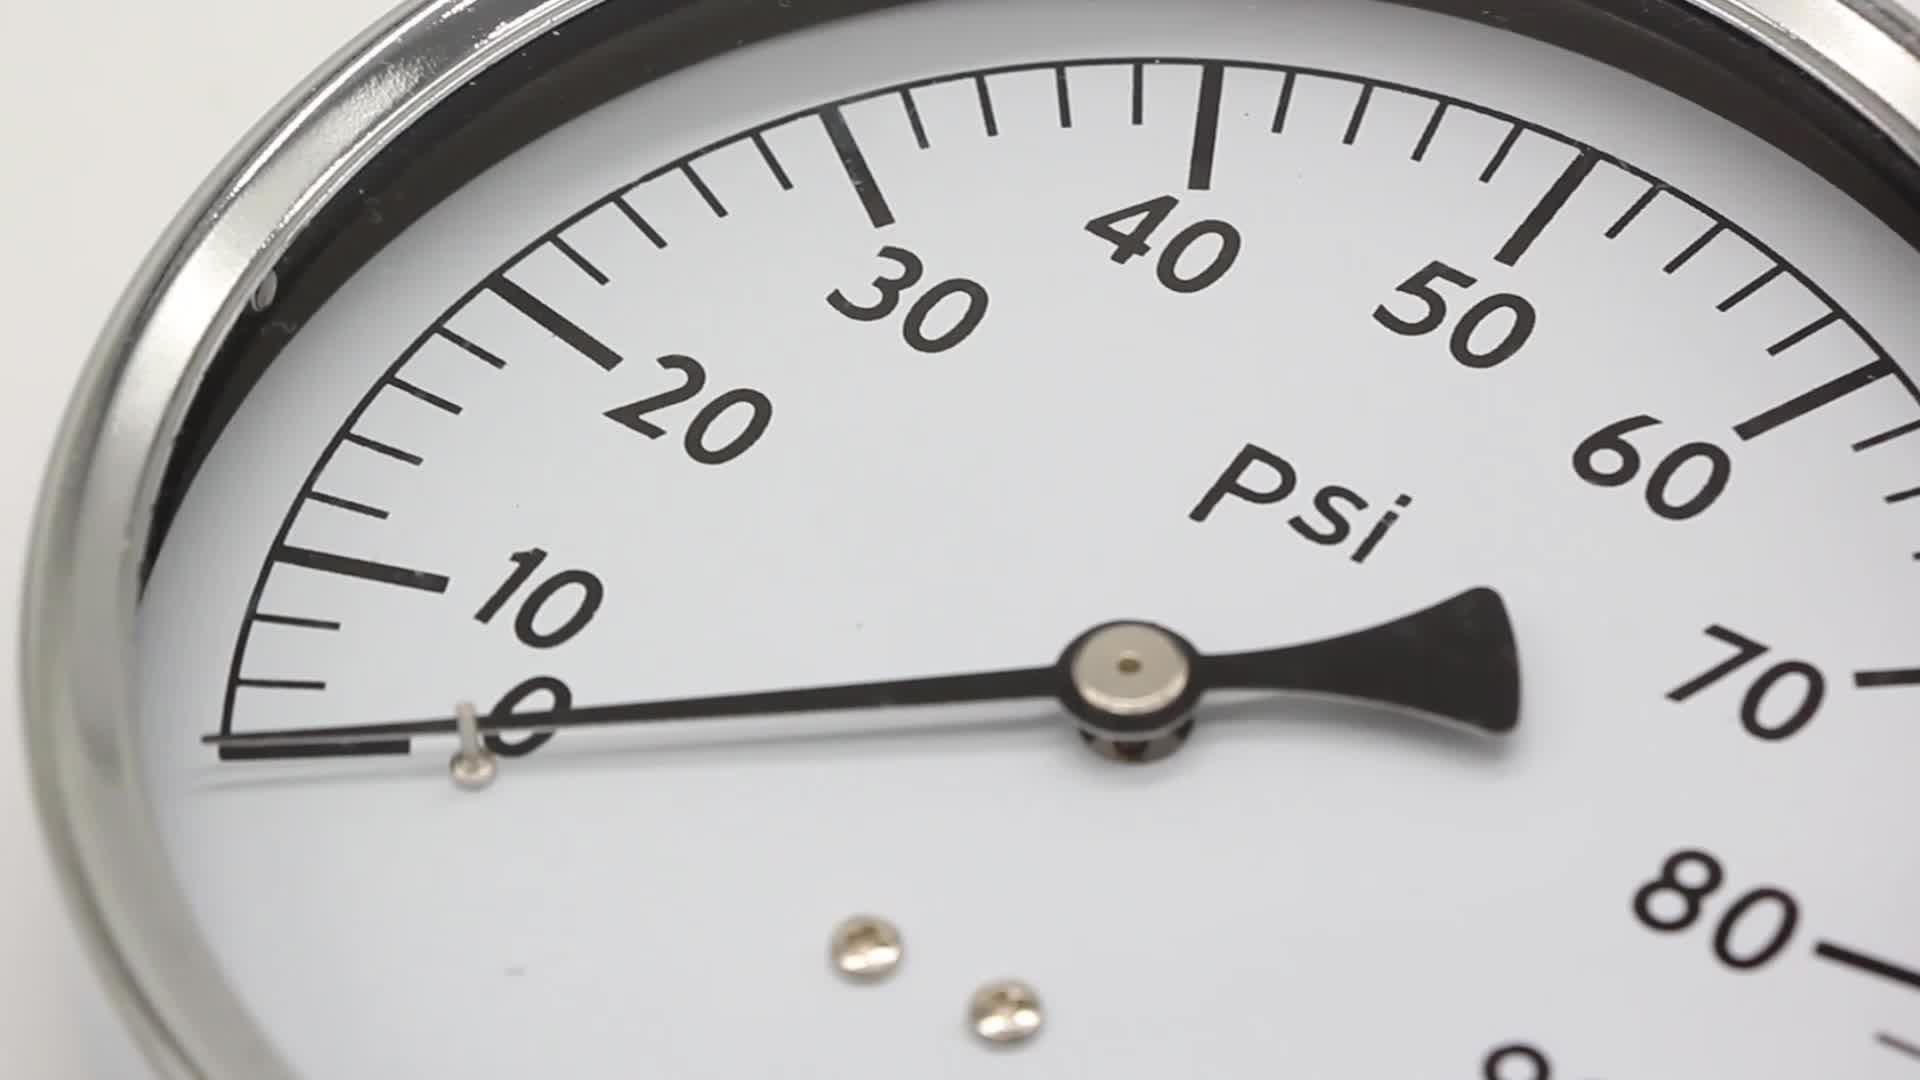 Vacuum Pressure Gage Use No Oil Gas Pressure Gauge